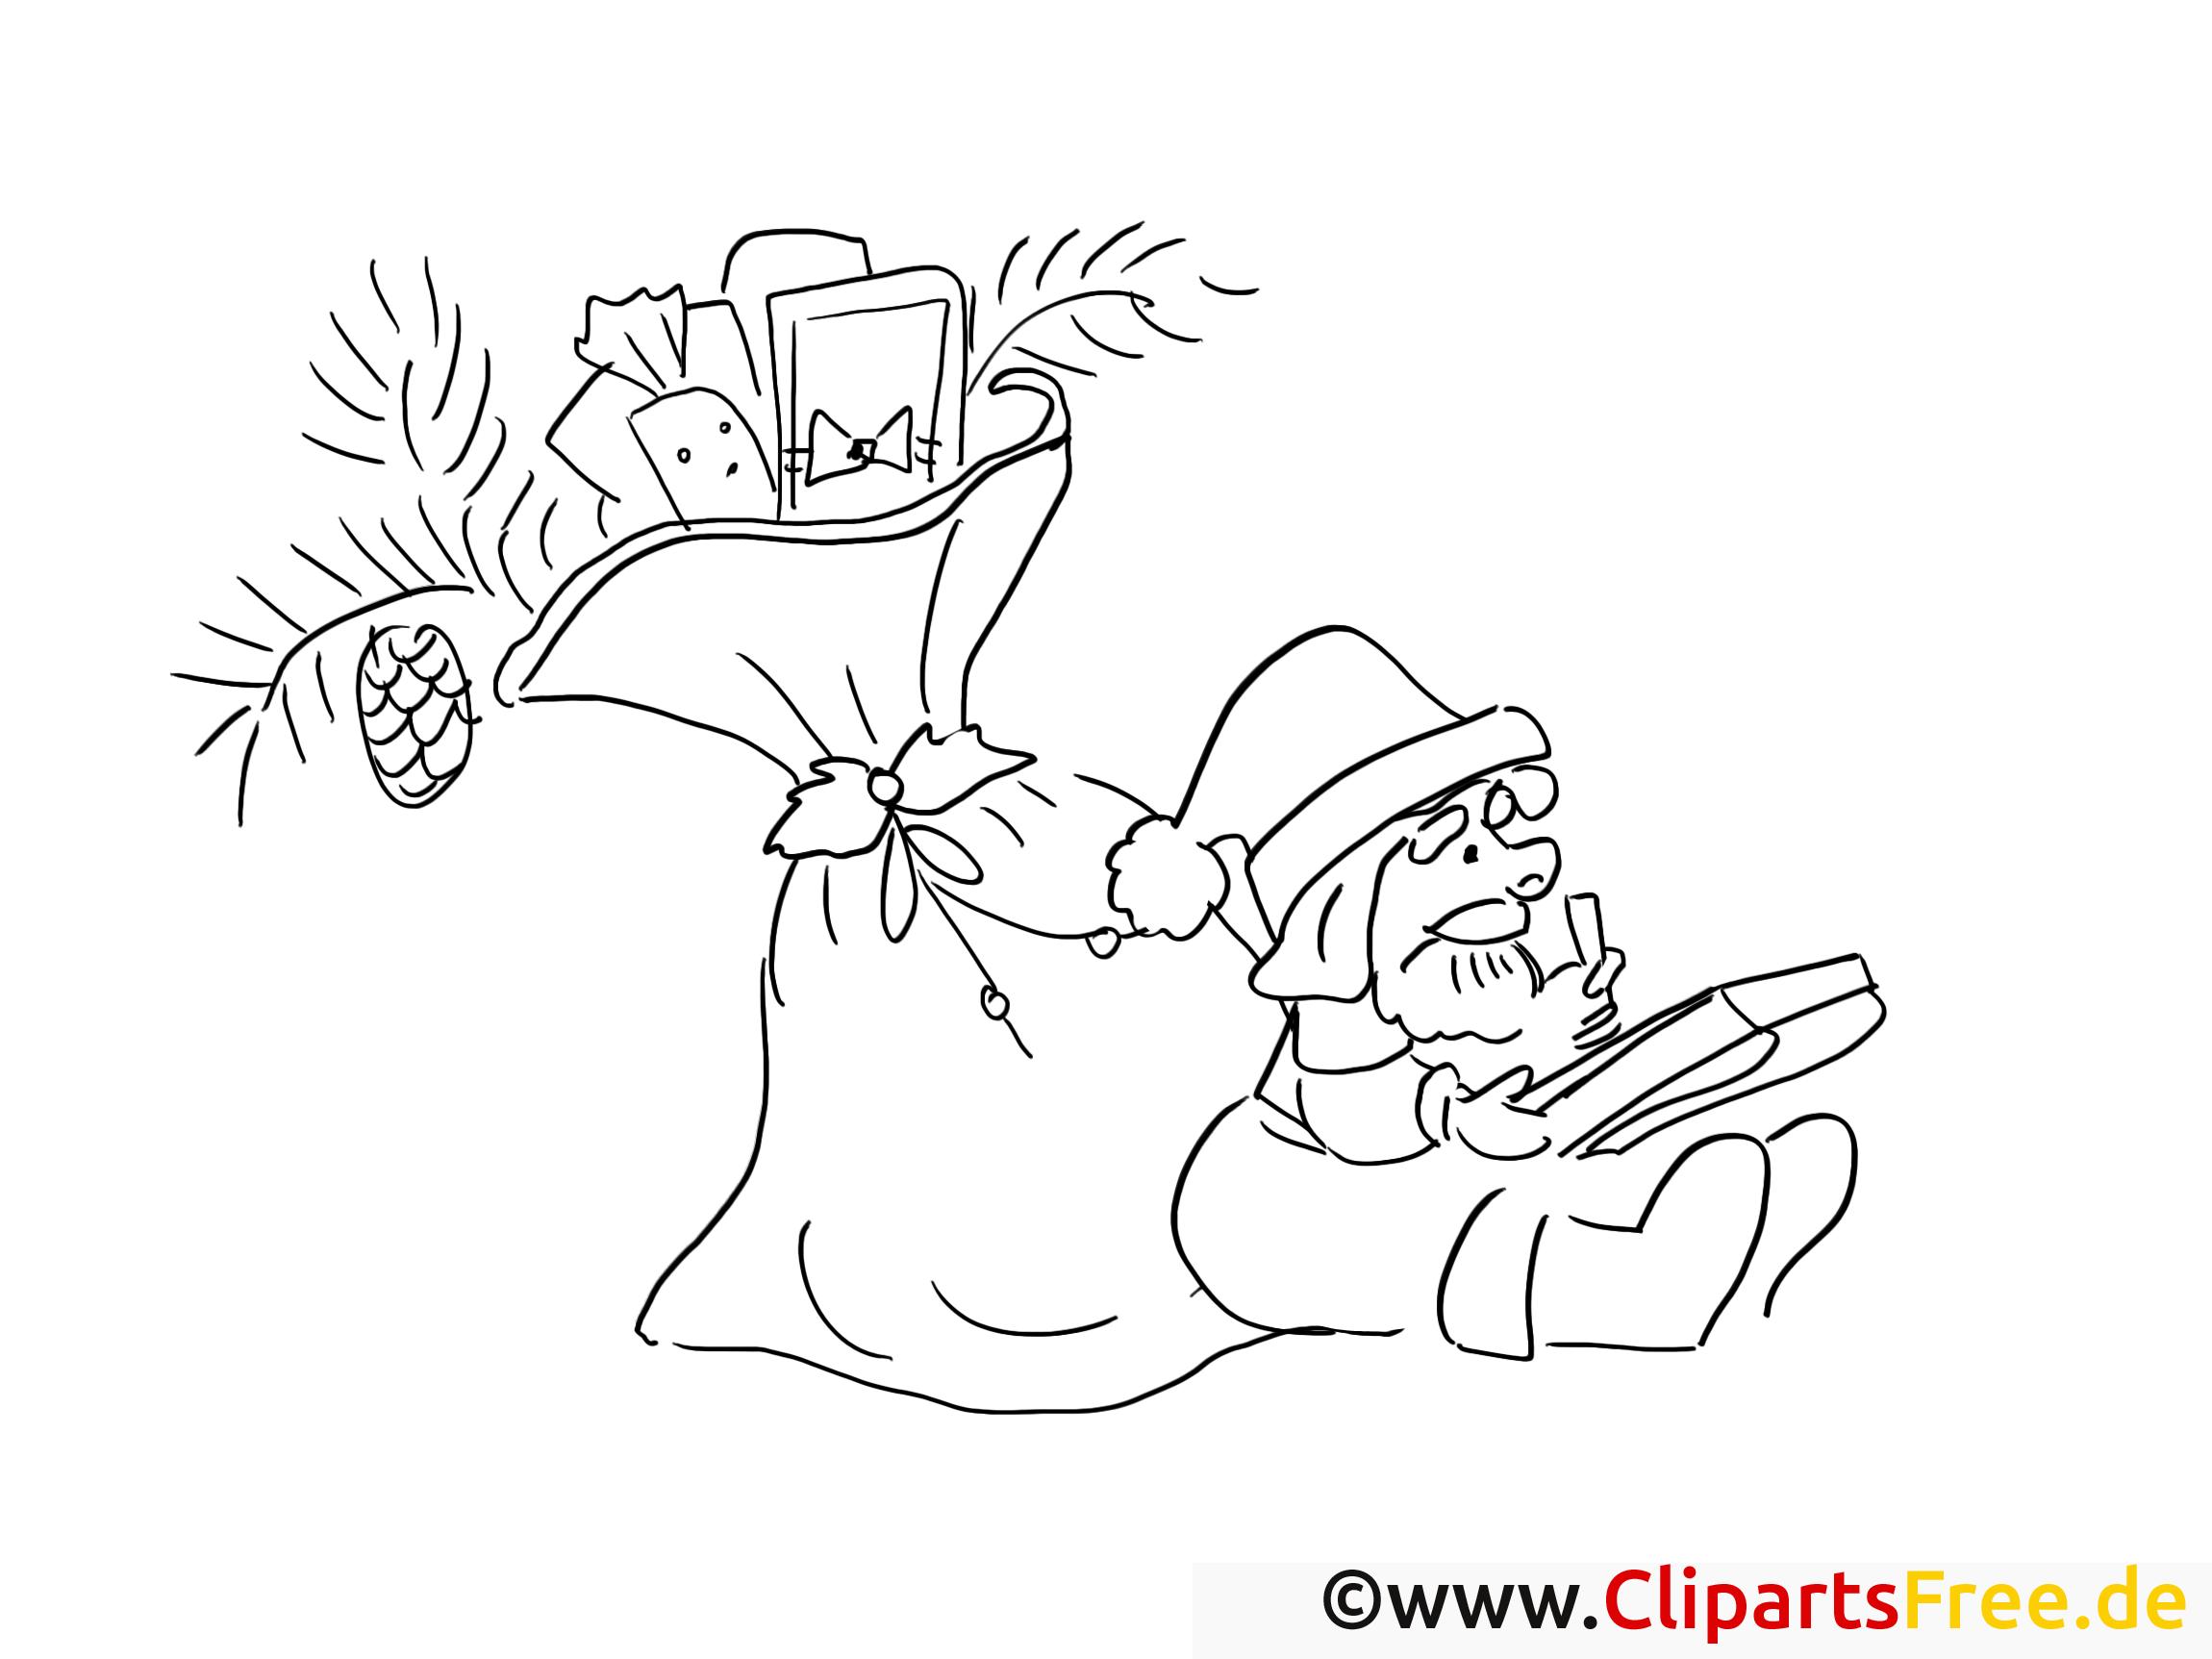 weihnachtsmann verteilt geschenke ausmalbilder für kinder